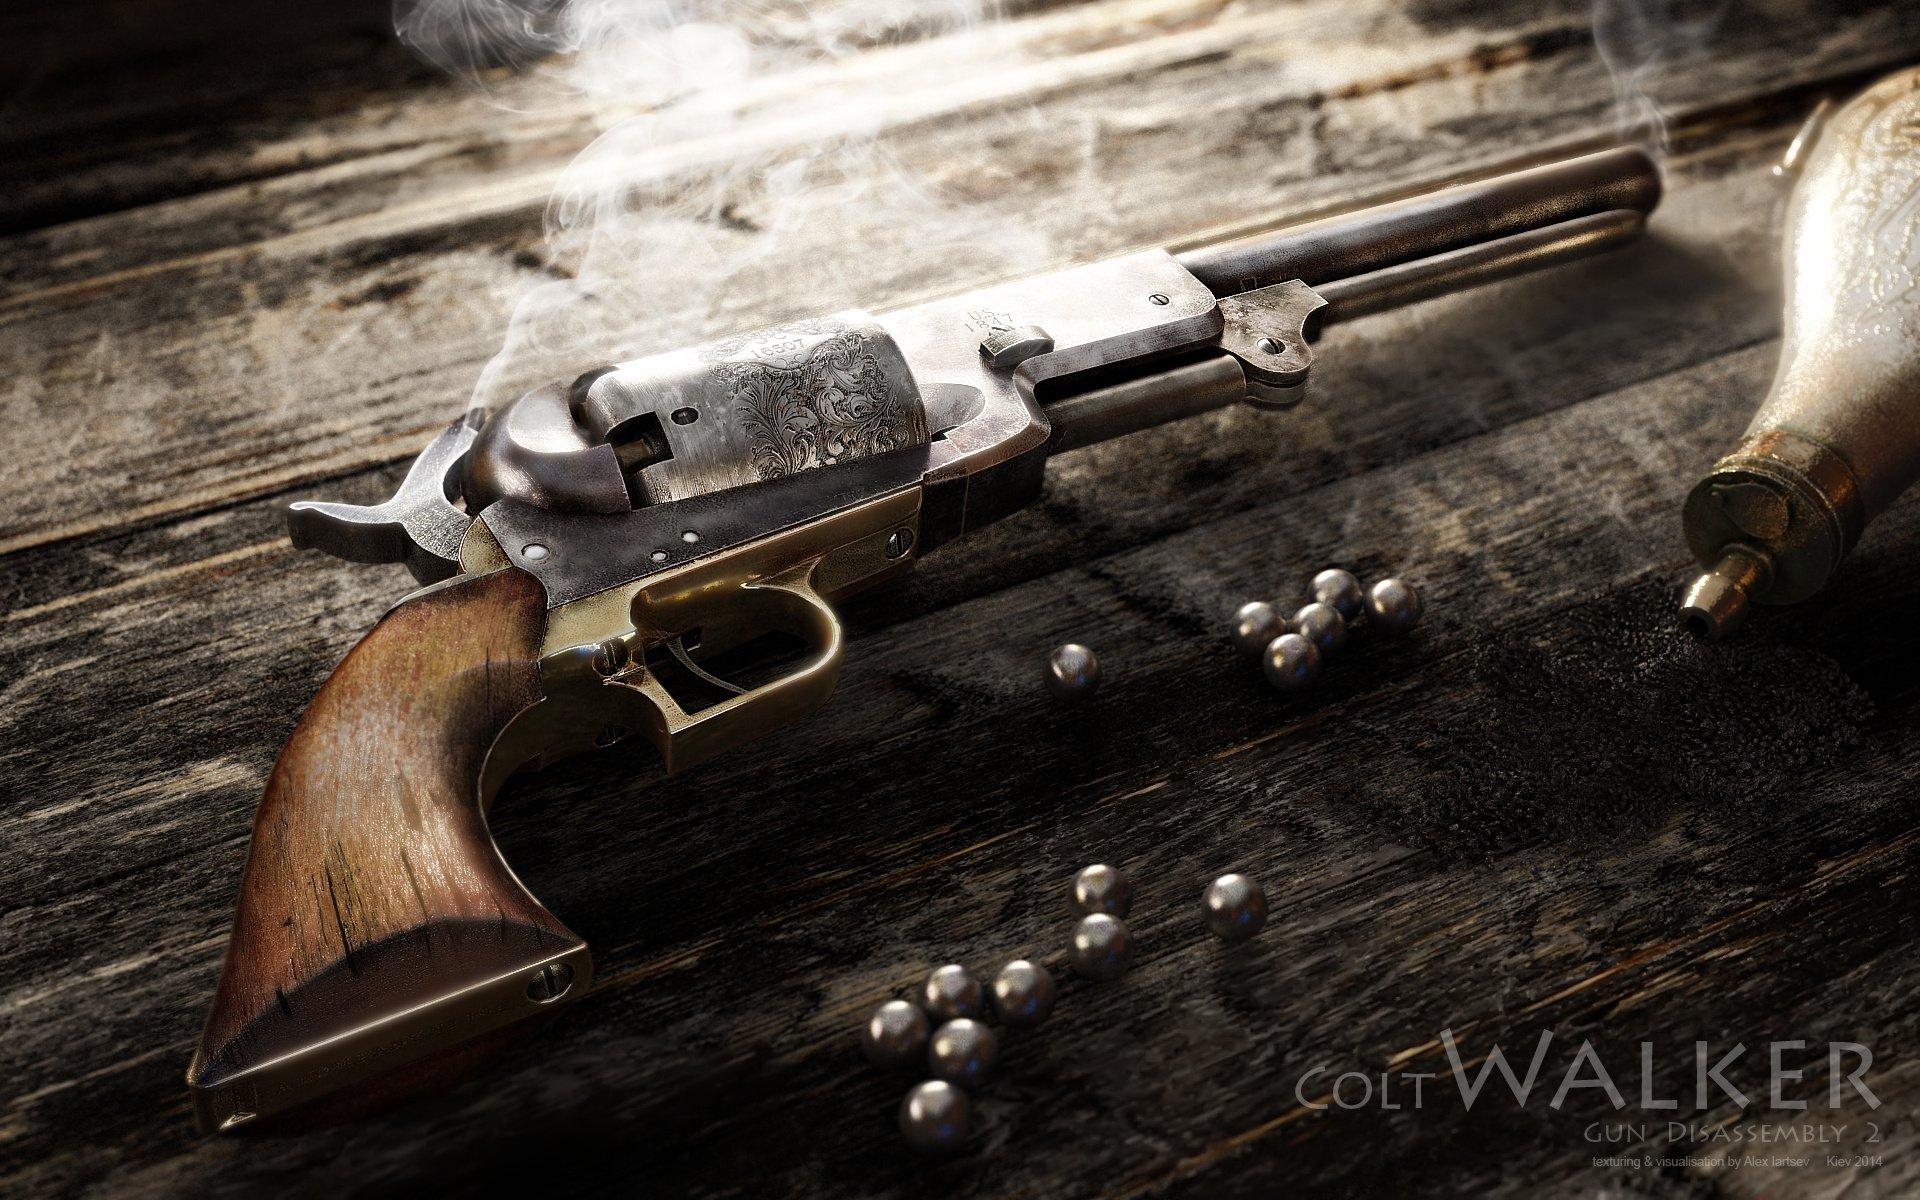 colt walker weapon pistol western wallpaper background 1920x1200